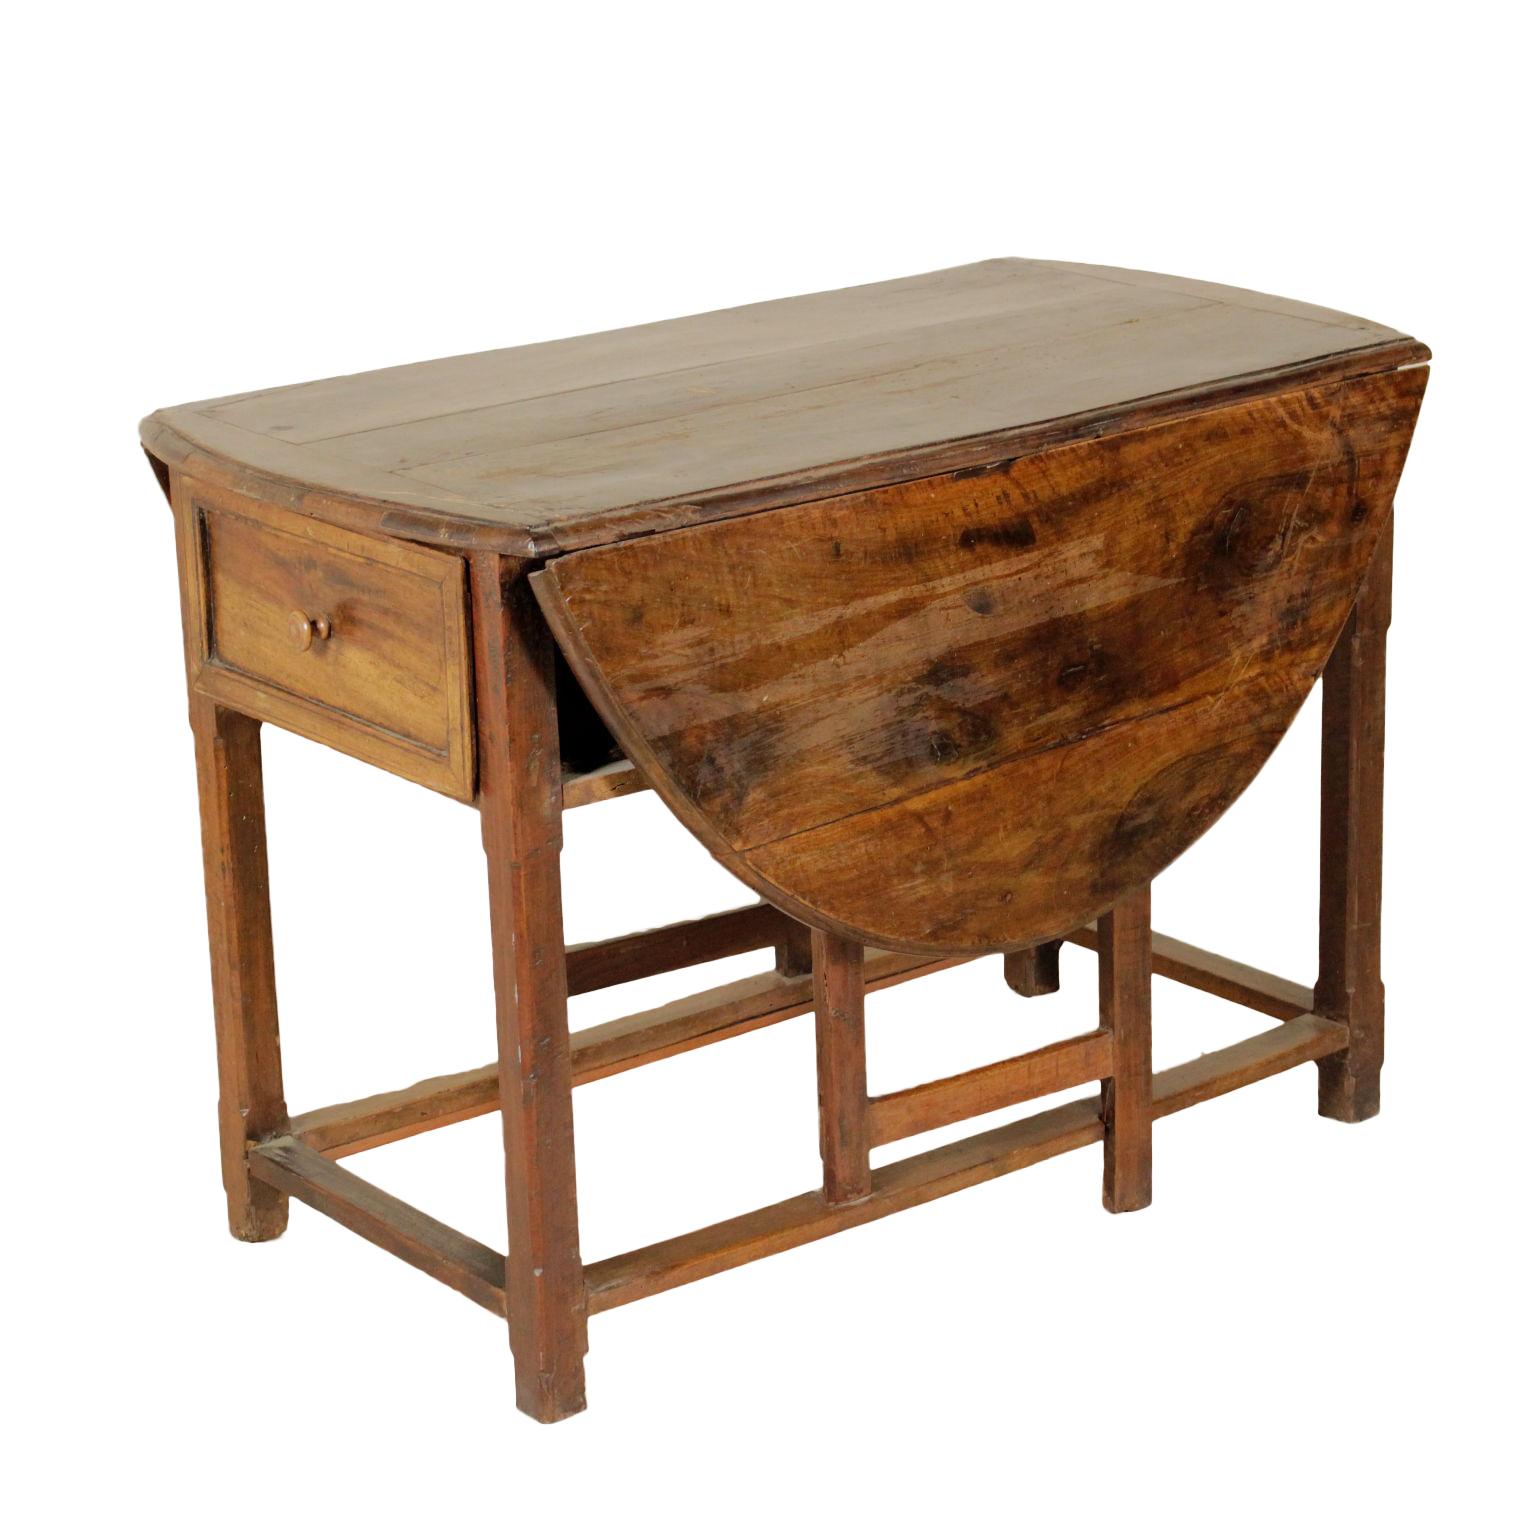 Tavolo a bandelle tavoli antiquariato - Tavoli da pranzo antichi ...